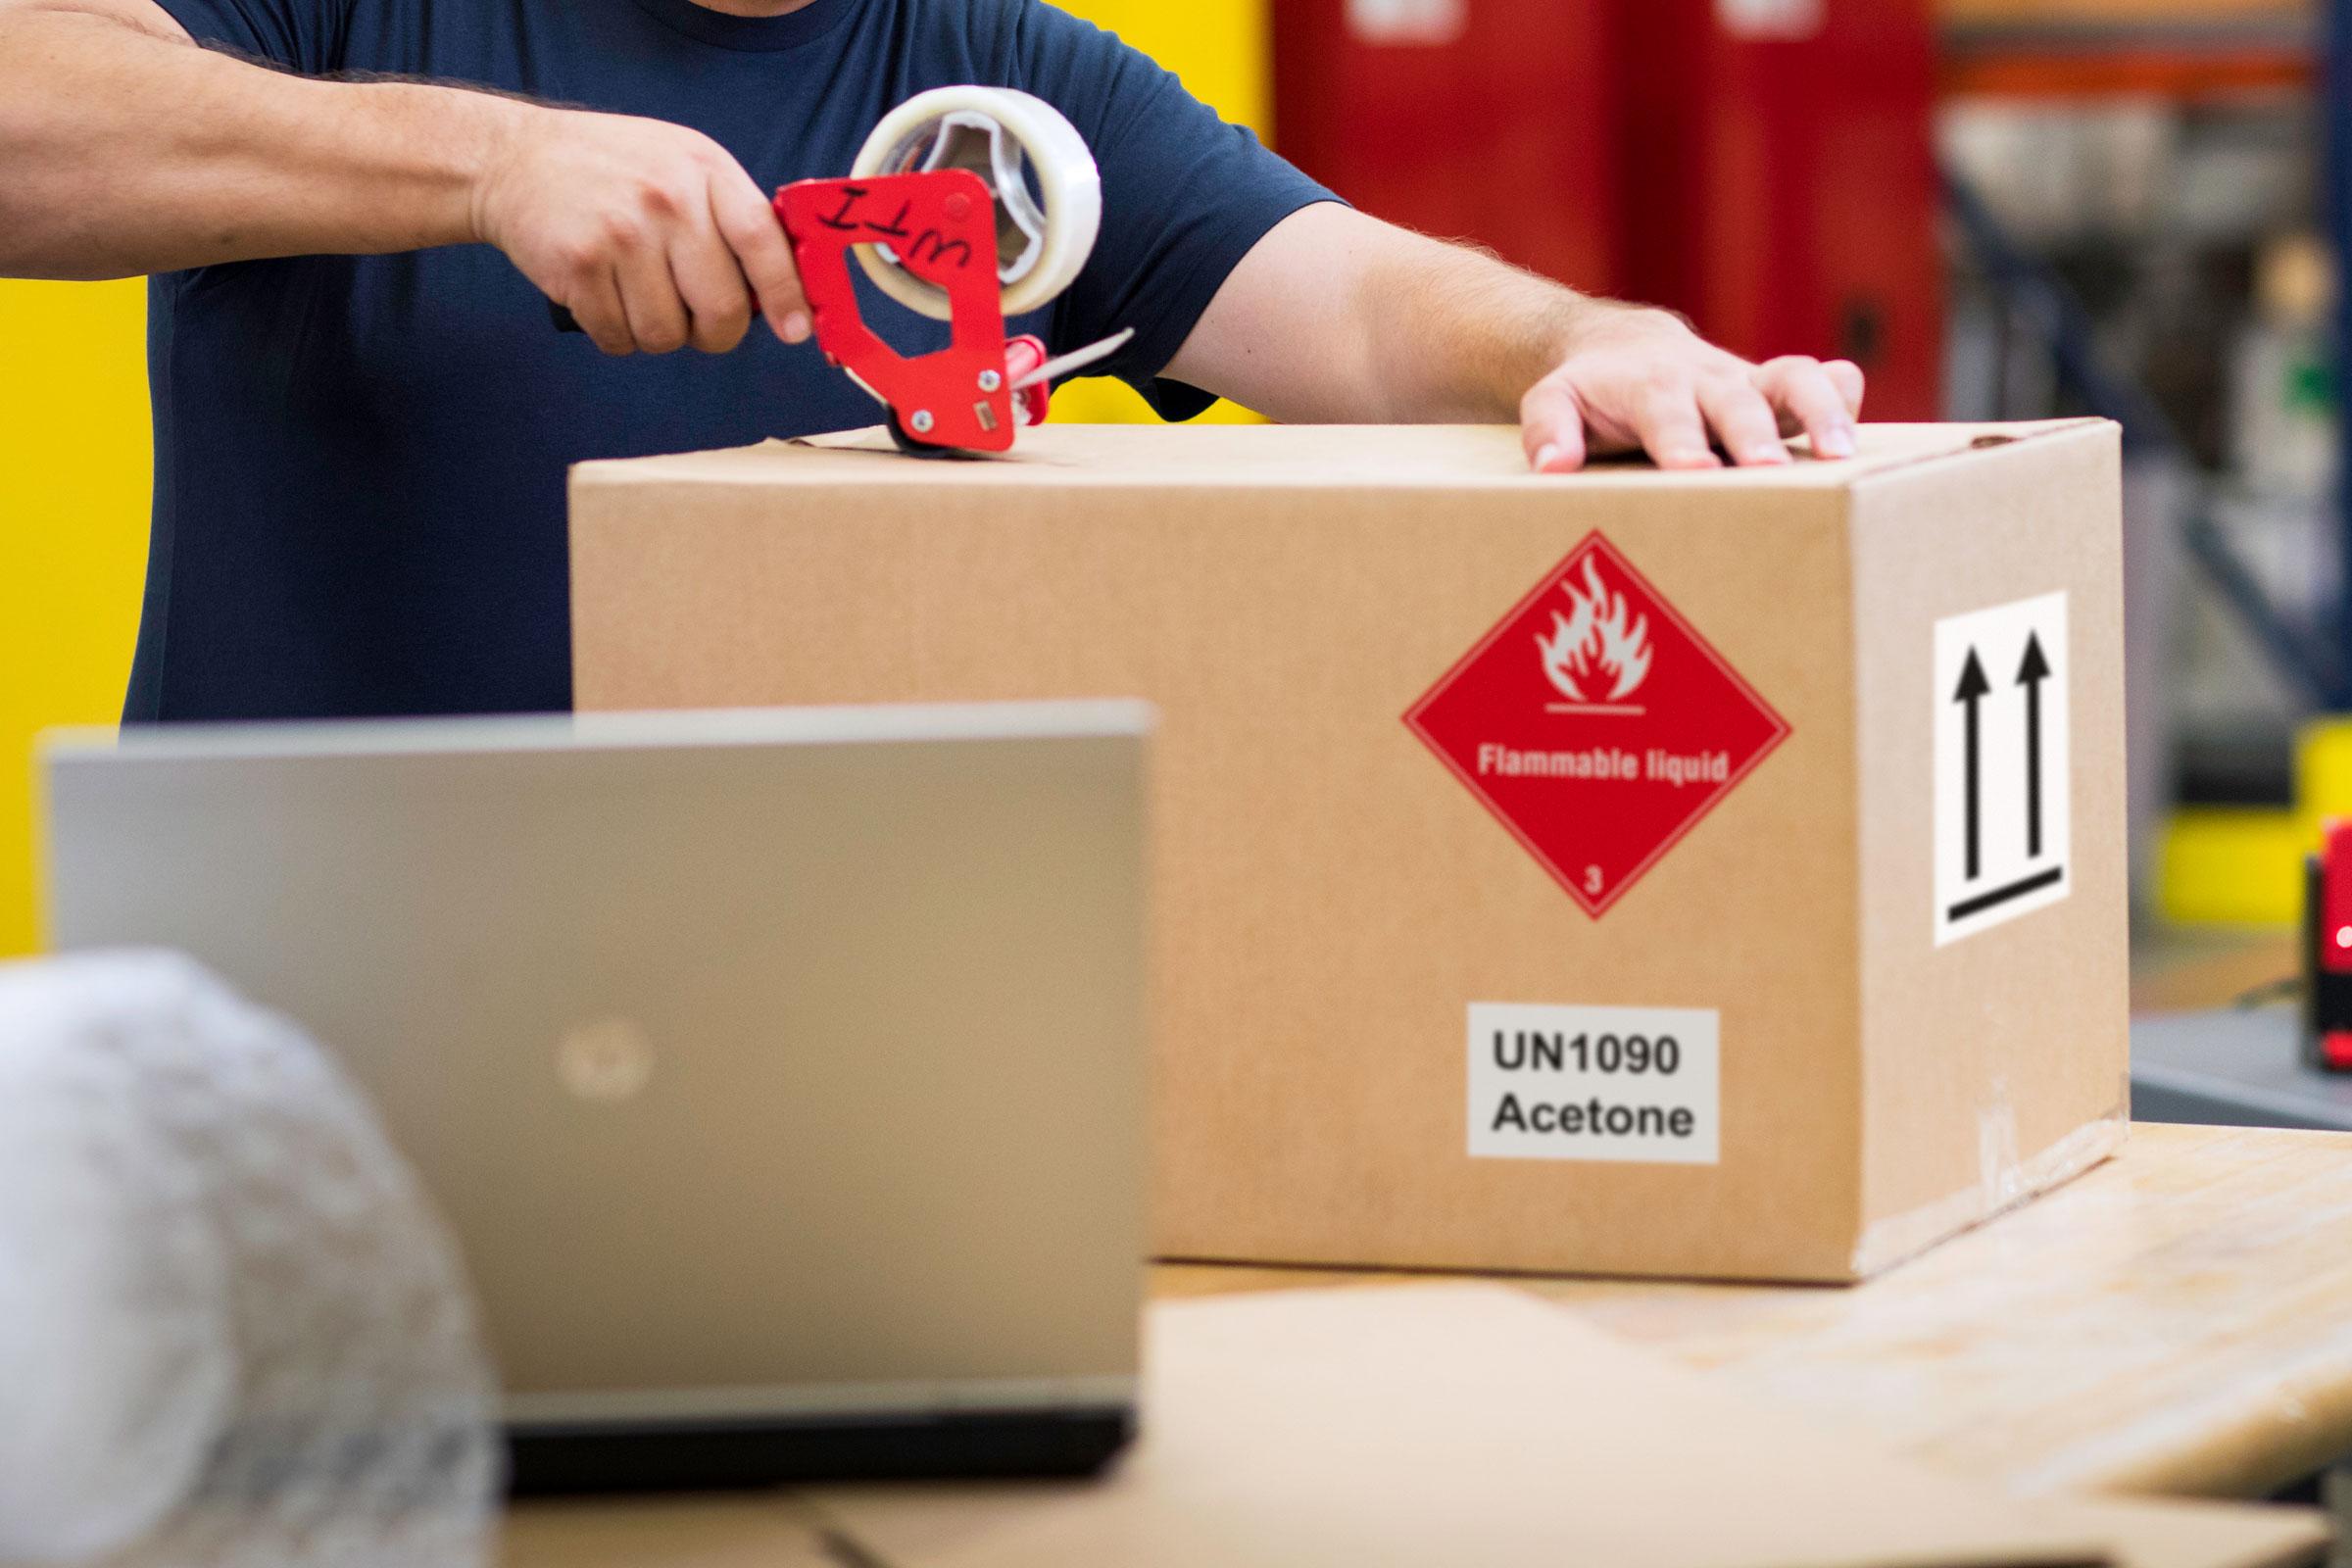 Shipping mark là gì? Những thông tin cần biết về Shipping mark